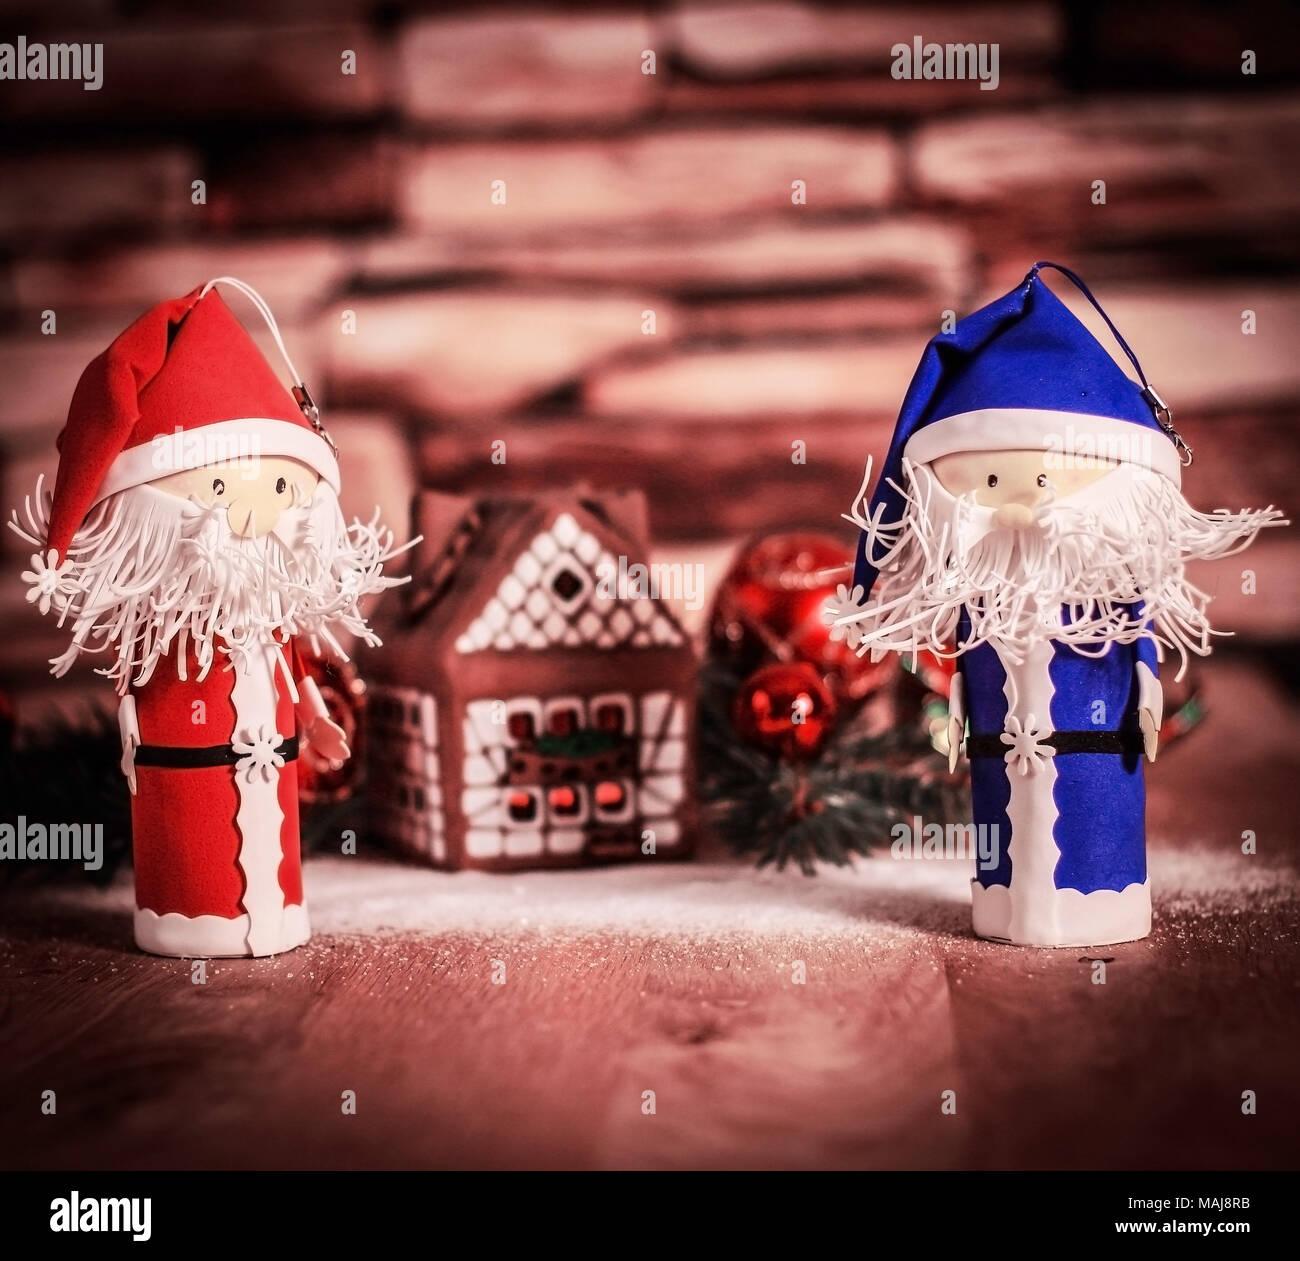 Babbo Natale Immagini Divertenti.Due Divertenti Babbo Natale Sullo Sfondo Di Una Casa Di Panpepato